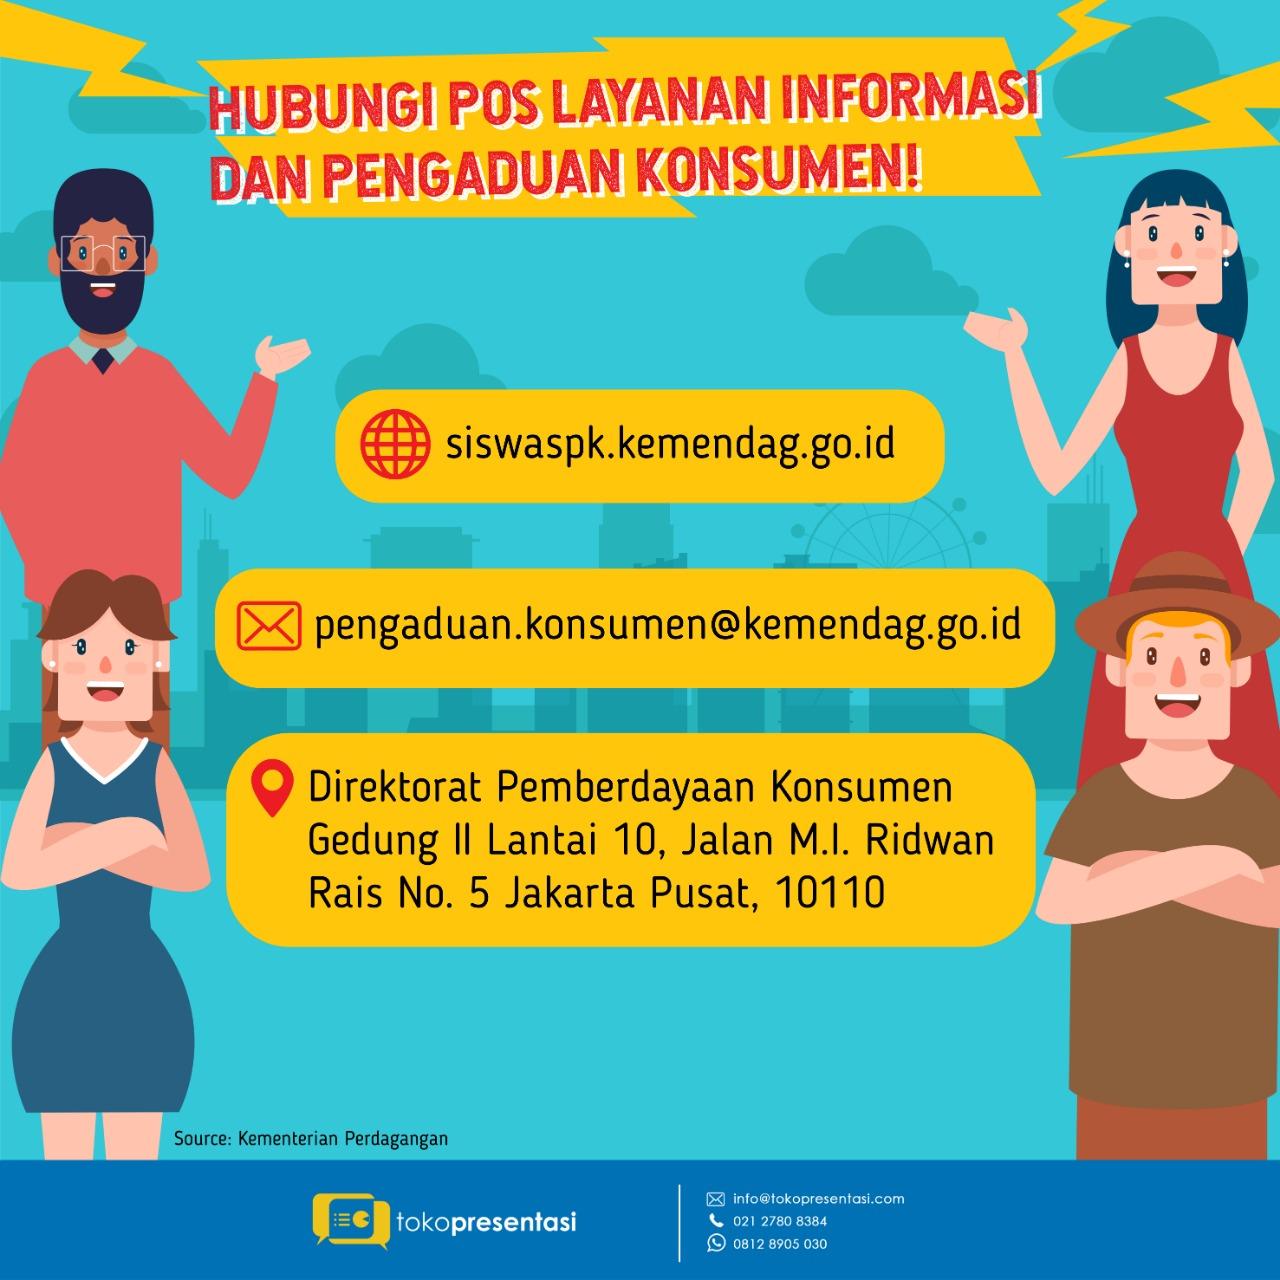 Infografis Hak Konsumen-2